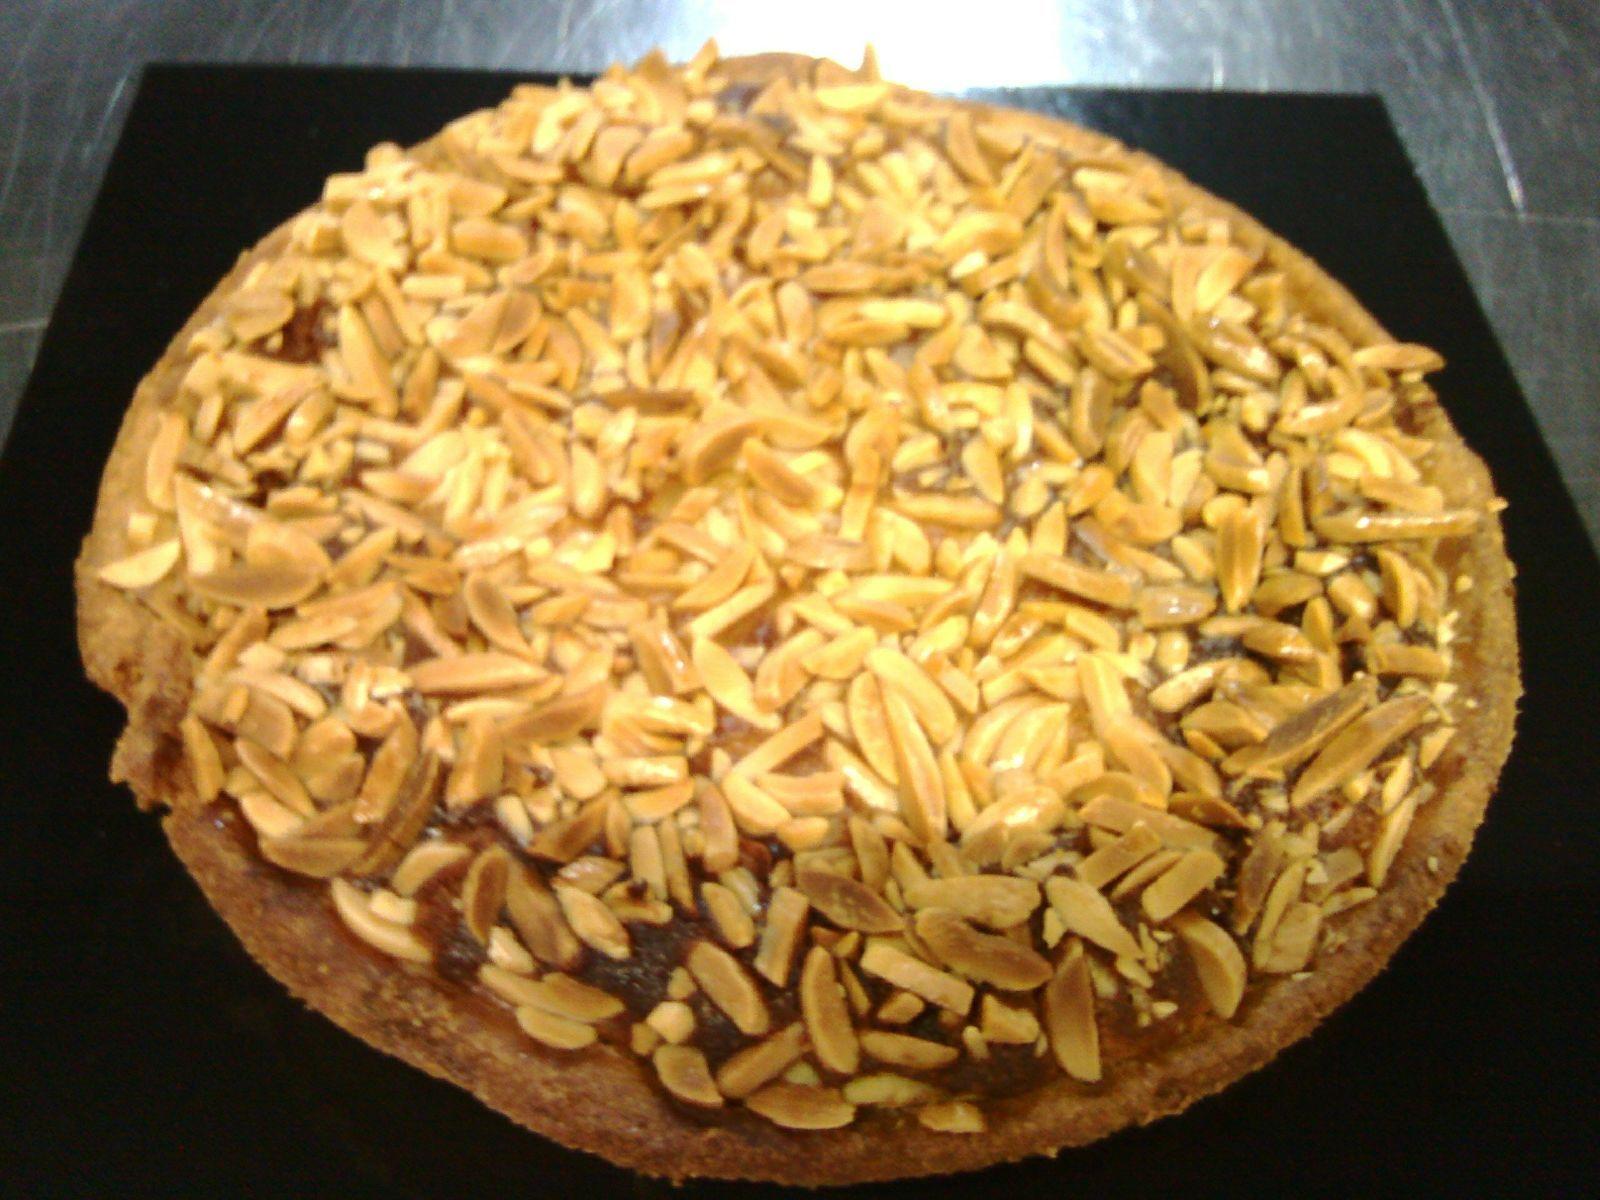 La #Pastelería #Tradicional es una de nuestras pasiones: 'Tartaleta de franchipán con almendras.'  #espaisucre #postres #pastries #bcn